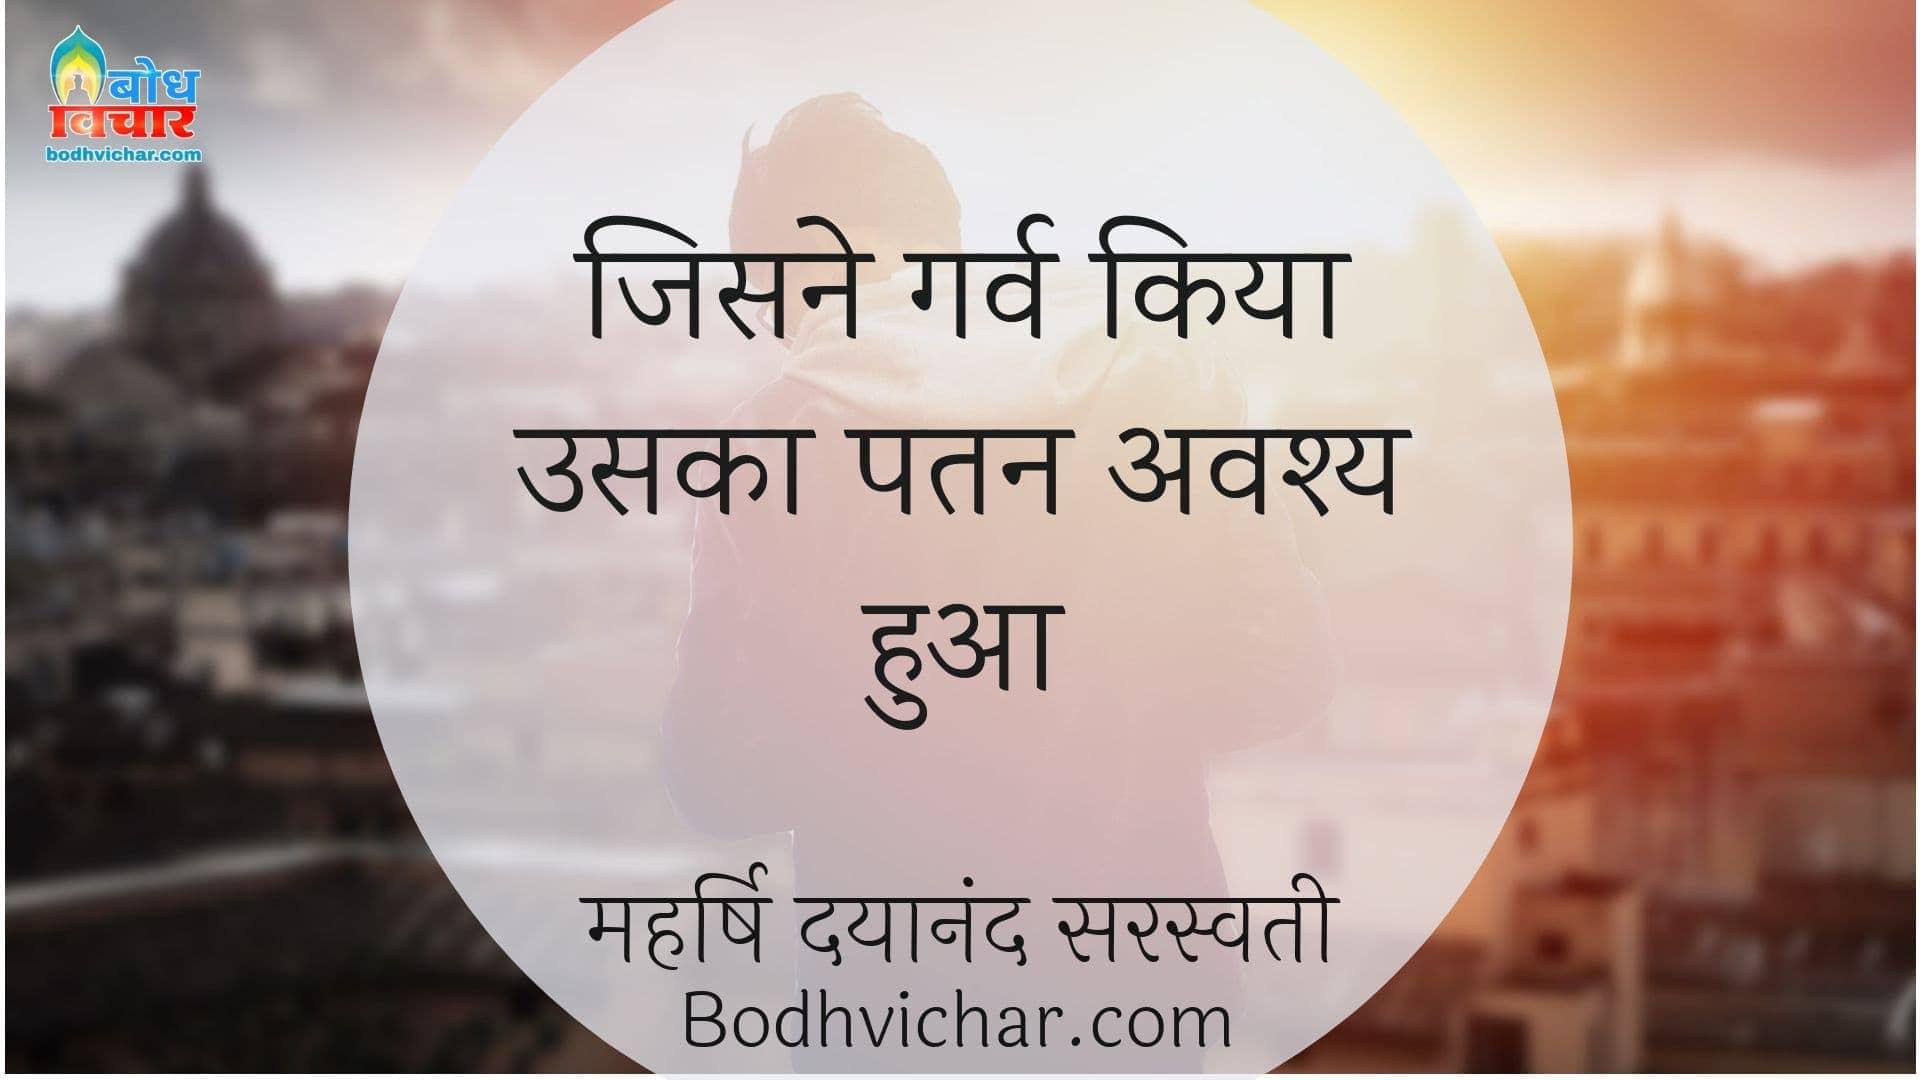 जिसने गर्व किया उसका पतन अवश्य हुआ : Jisne garv kiya uska patan avashya hua - महर्षि दयानंद सरस्वती